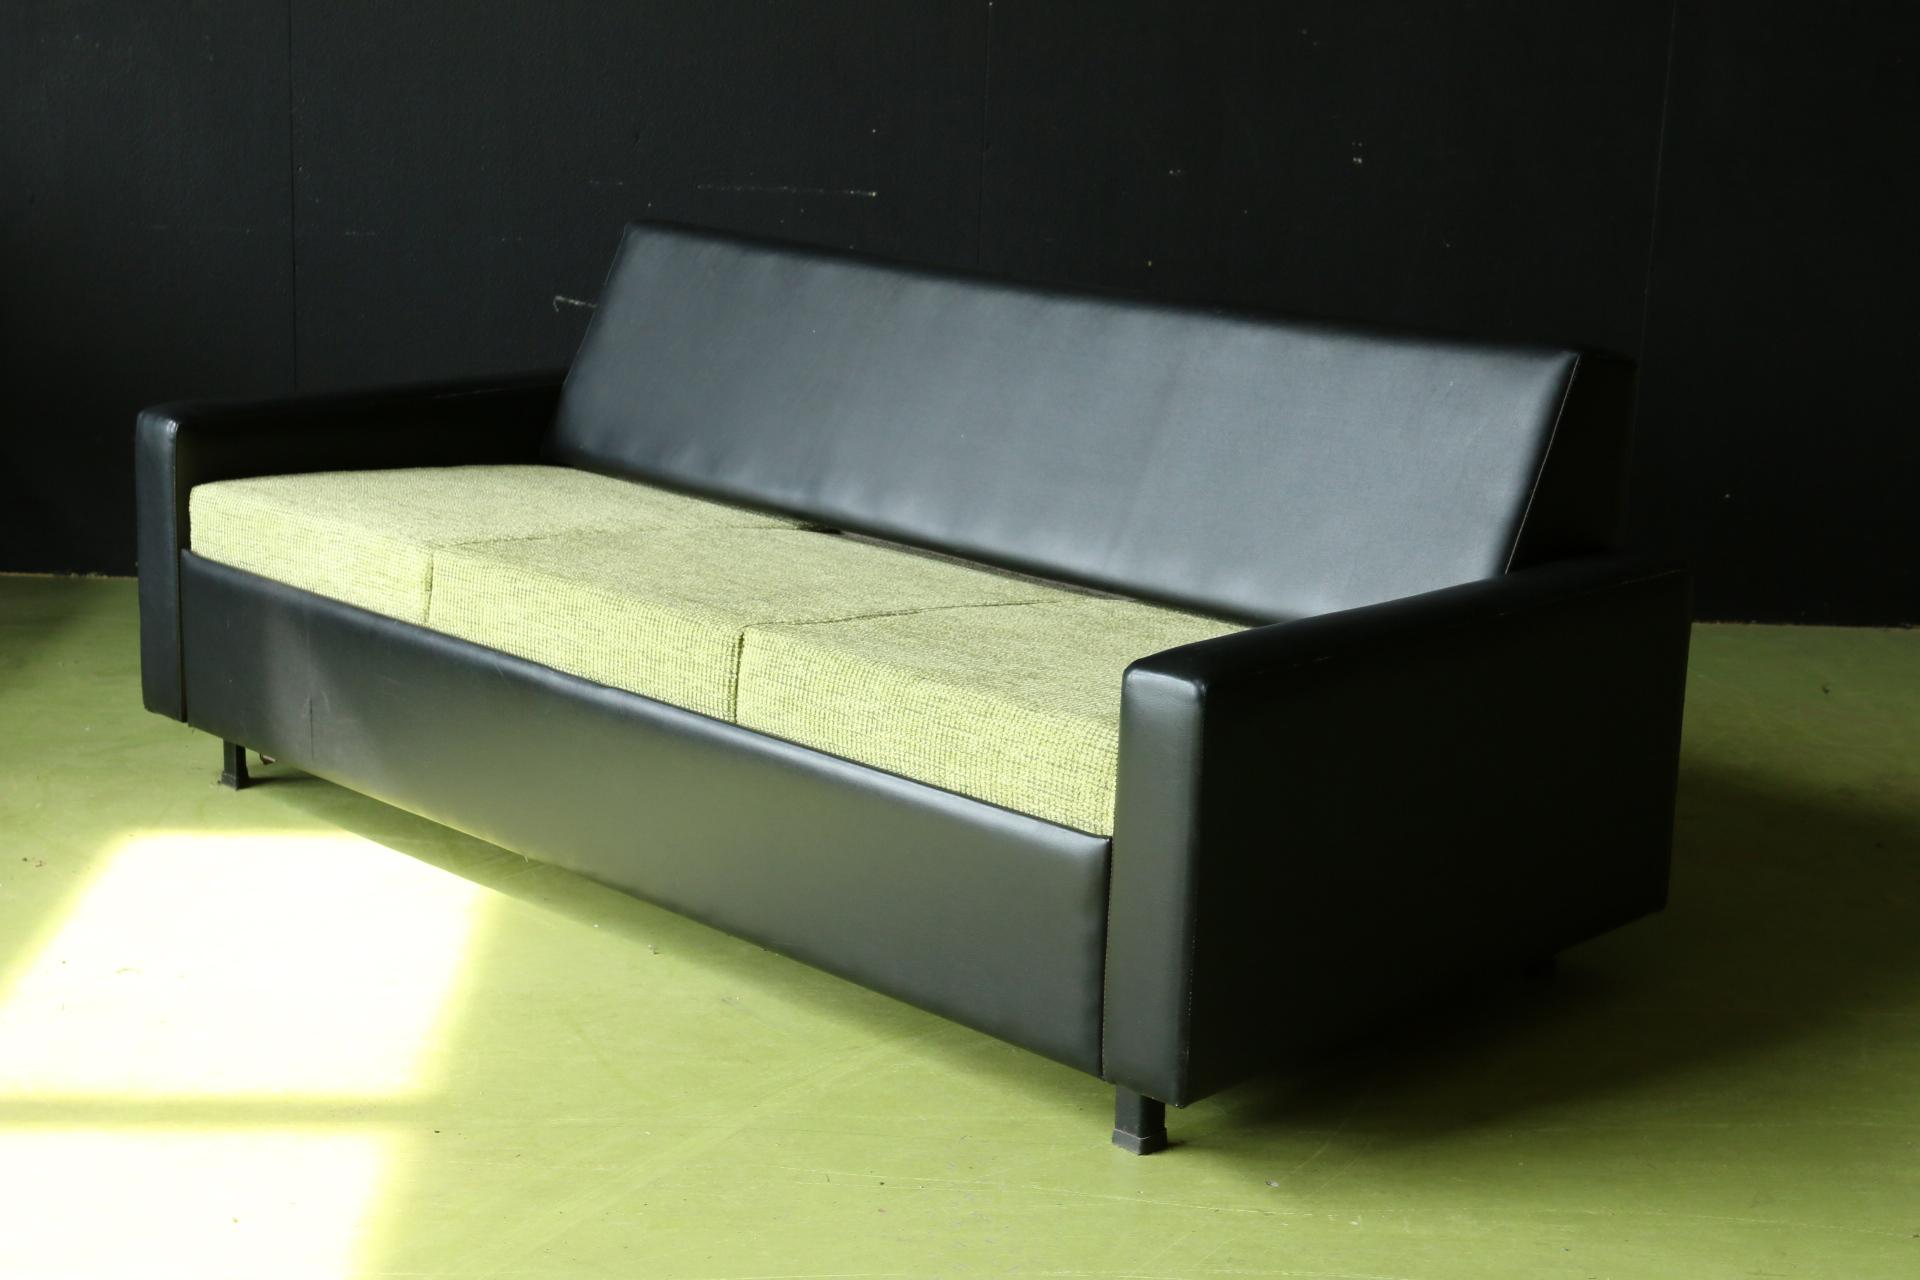 Top vintage design 2 persoons bedbank slaapbank jaren 60 u2013 dehuiszwaluw